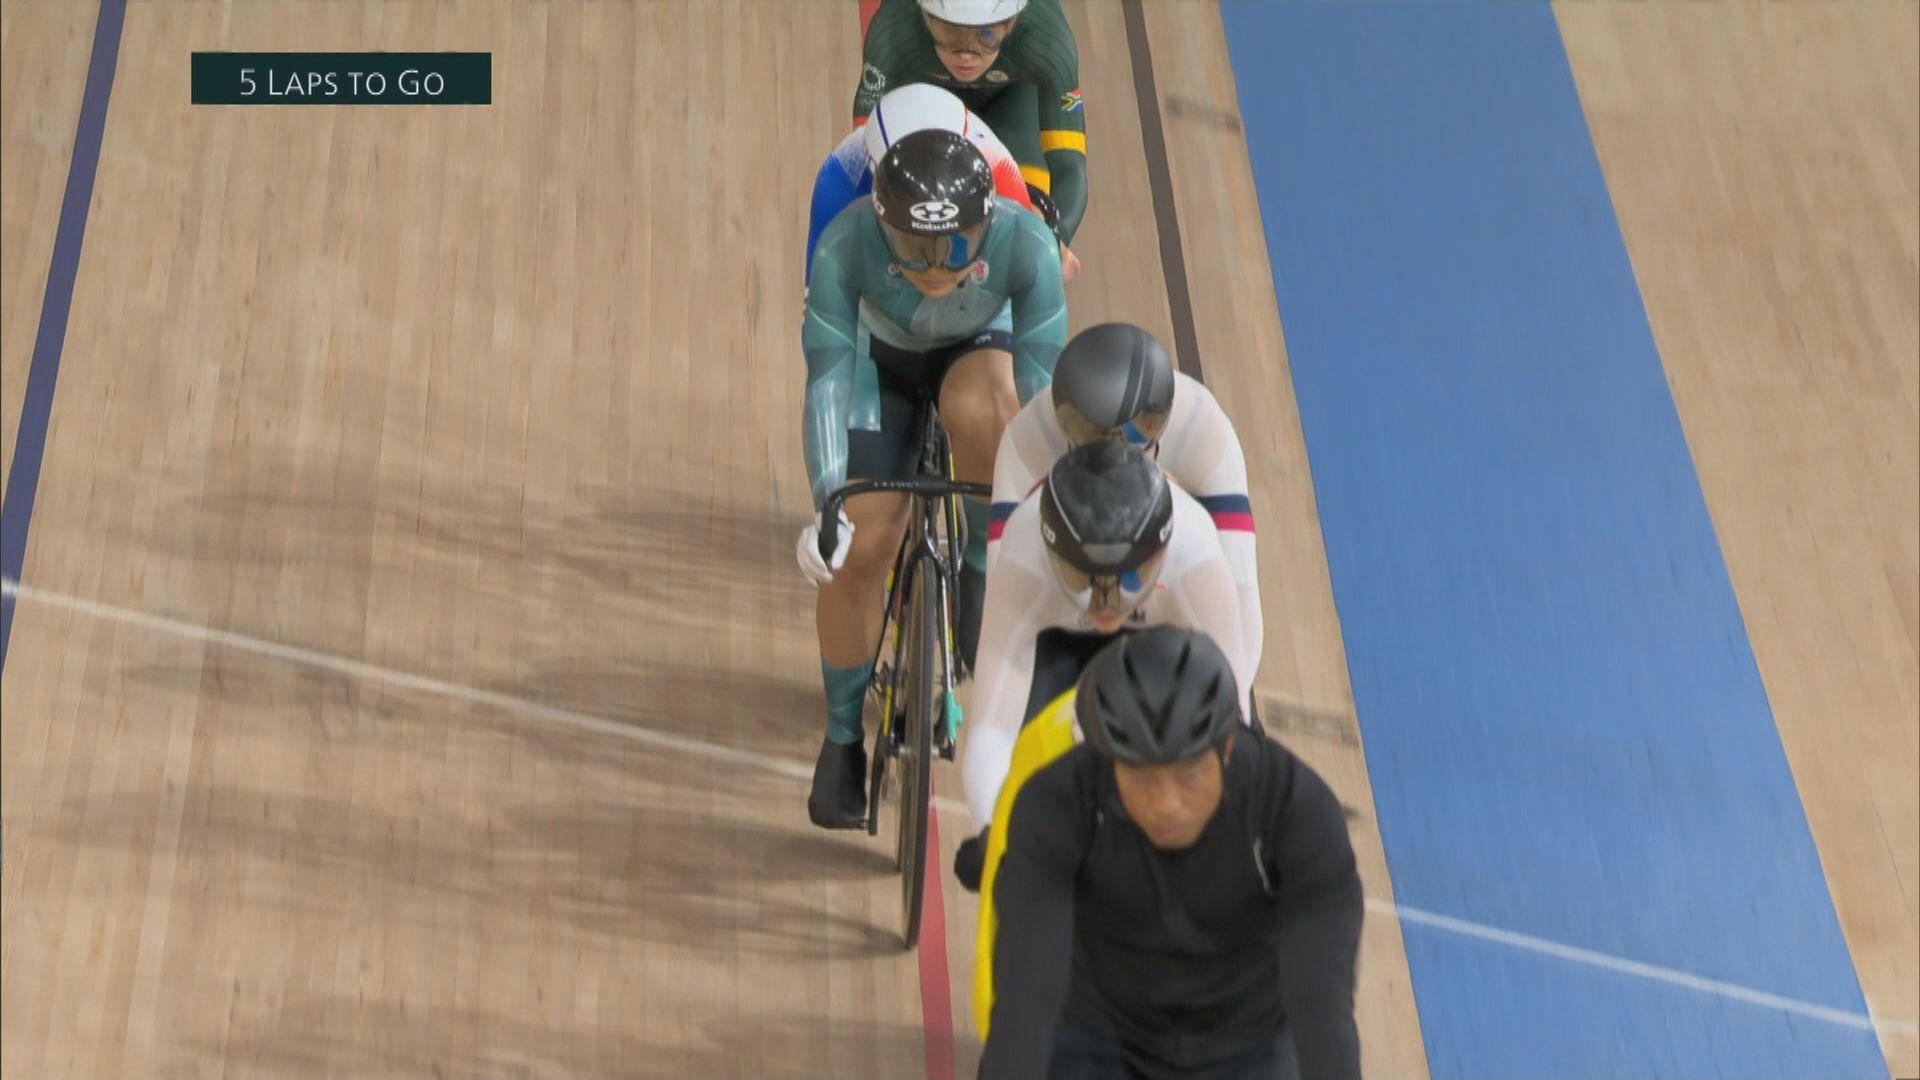 李慧詩李海恩場地單車凱林賽首圈未能直接晉級 要轉戰復活賽